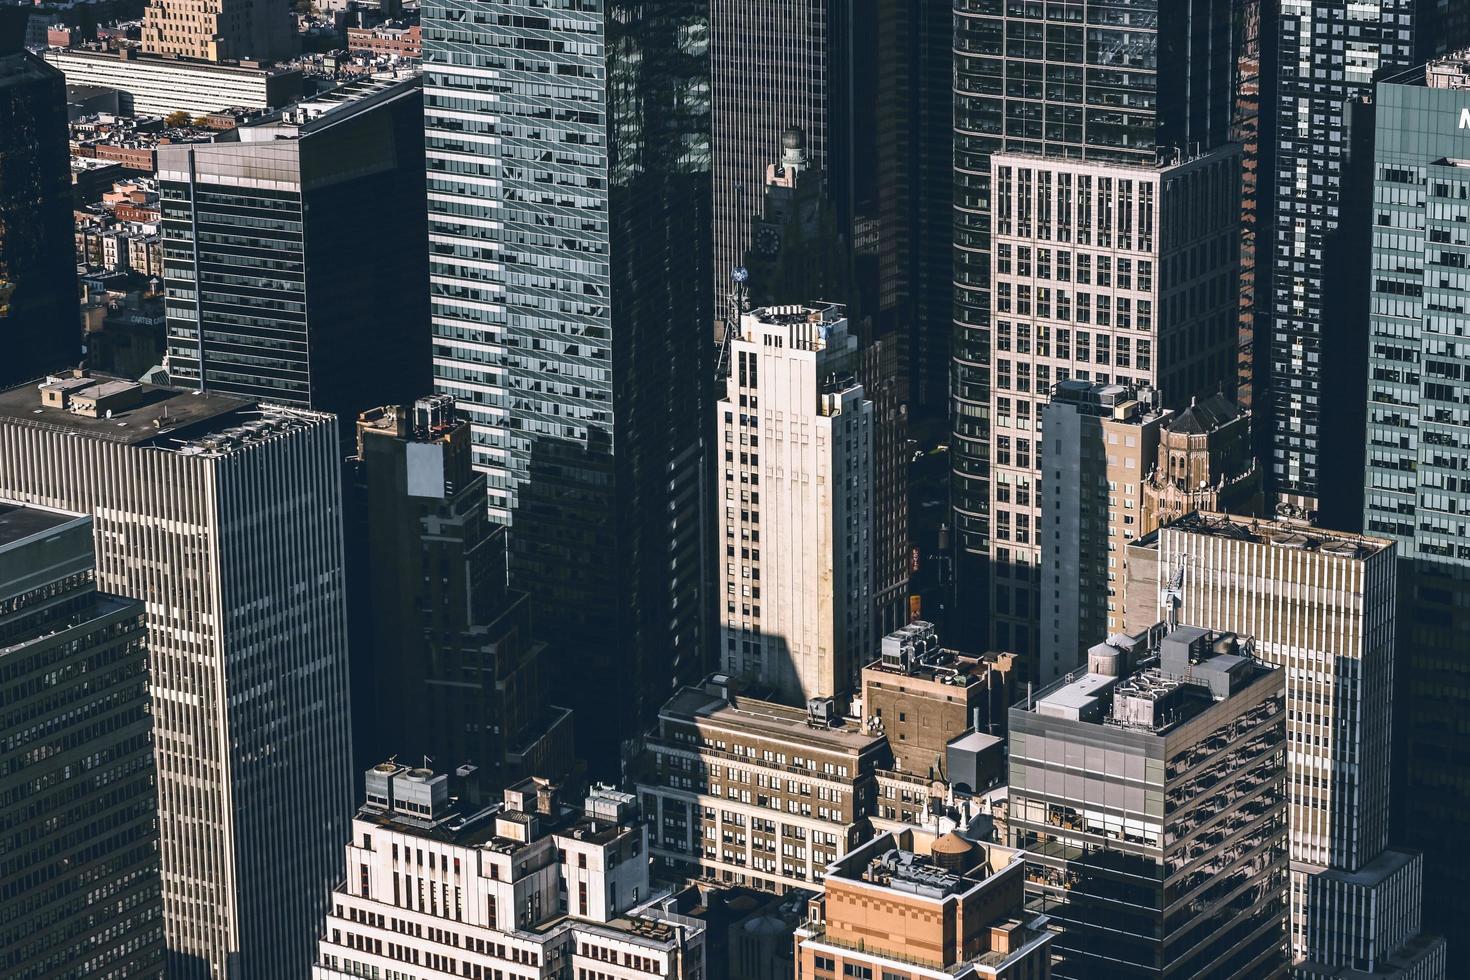 stad met hoogbouw foto